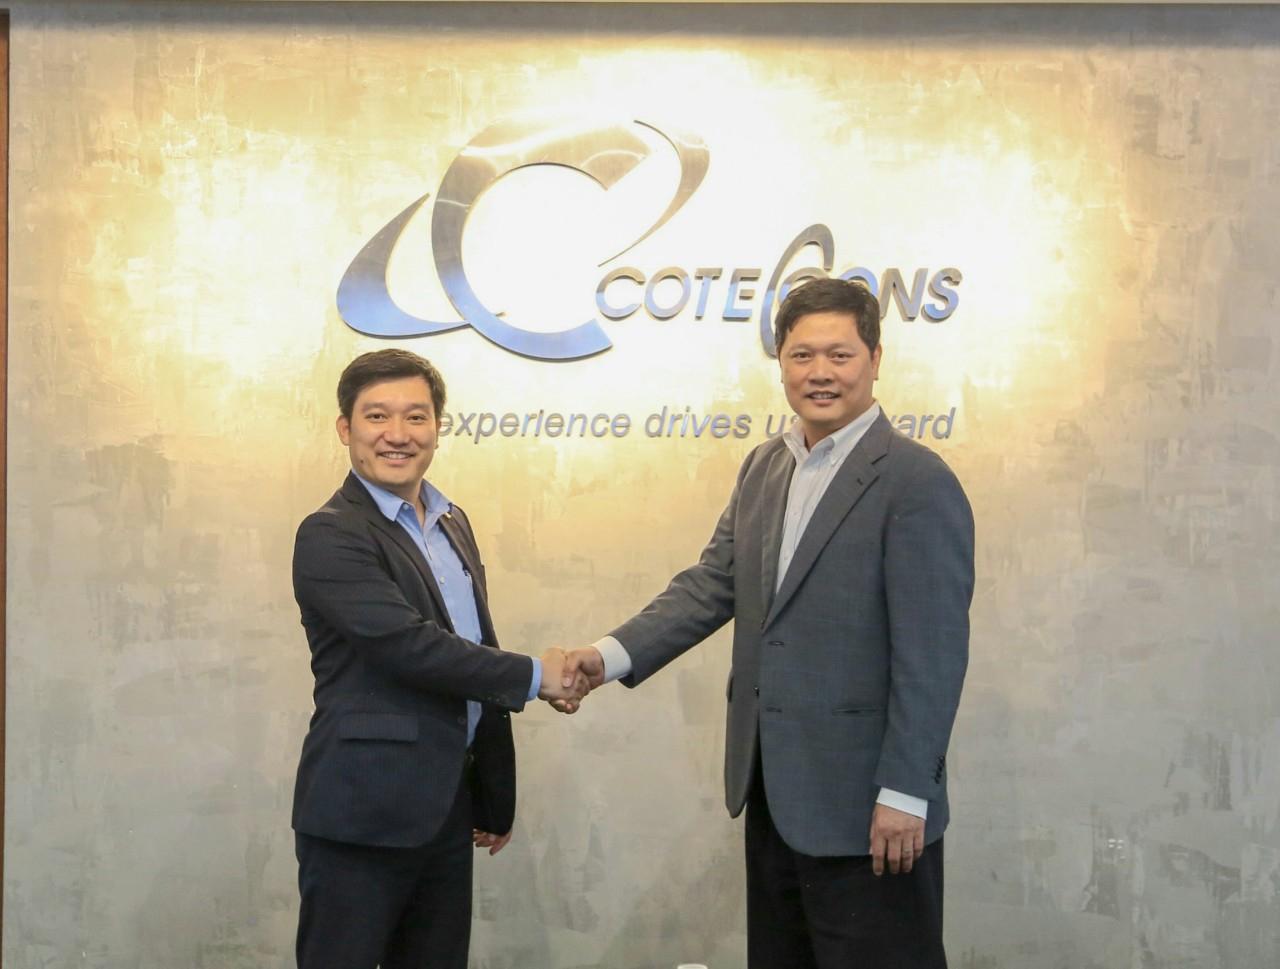 Đại học Xây dựng và Coteccons bắt tay hợp tác đào tạo nguồn nhân lực